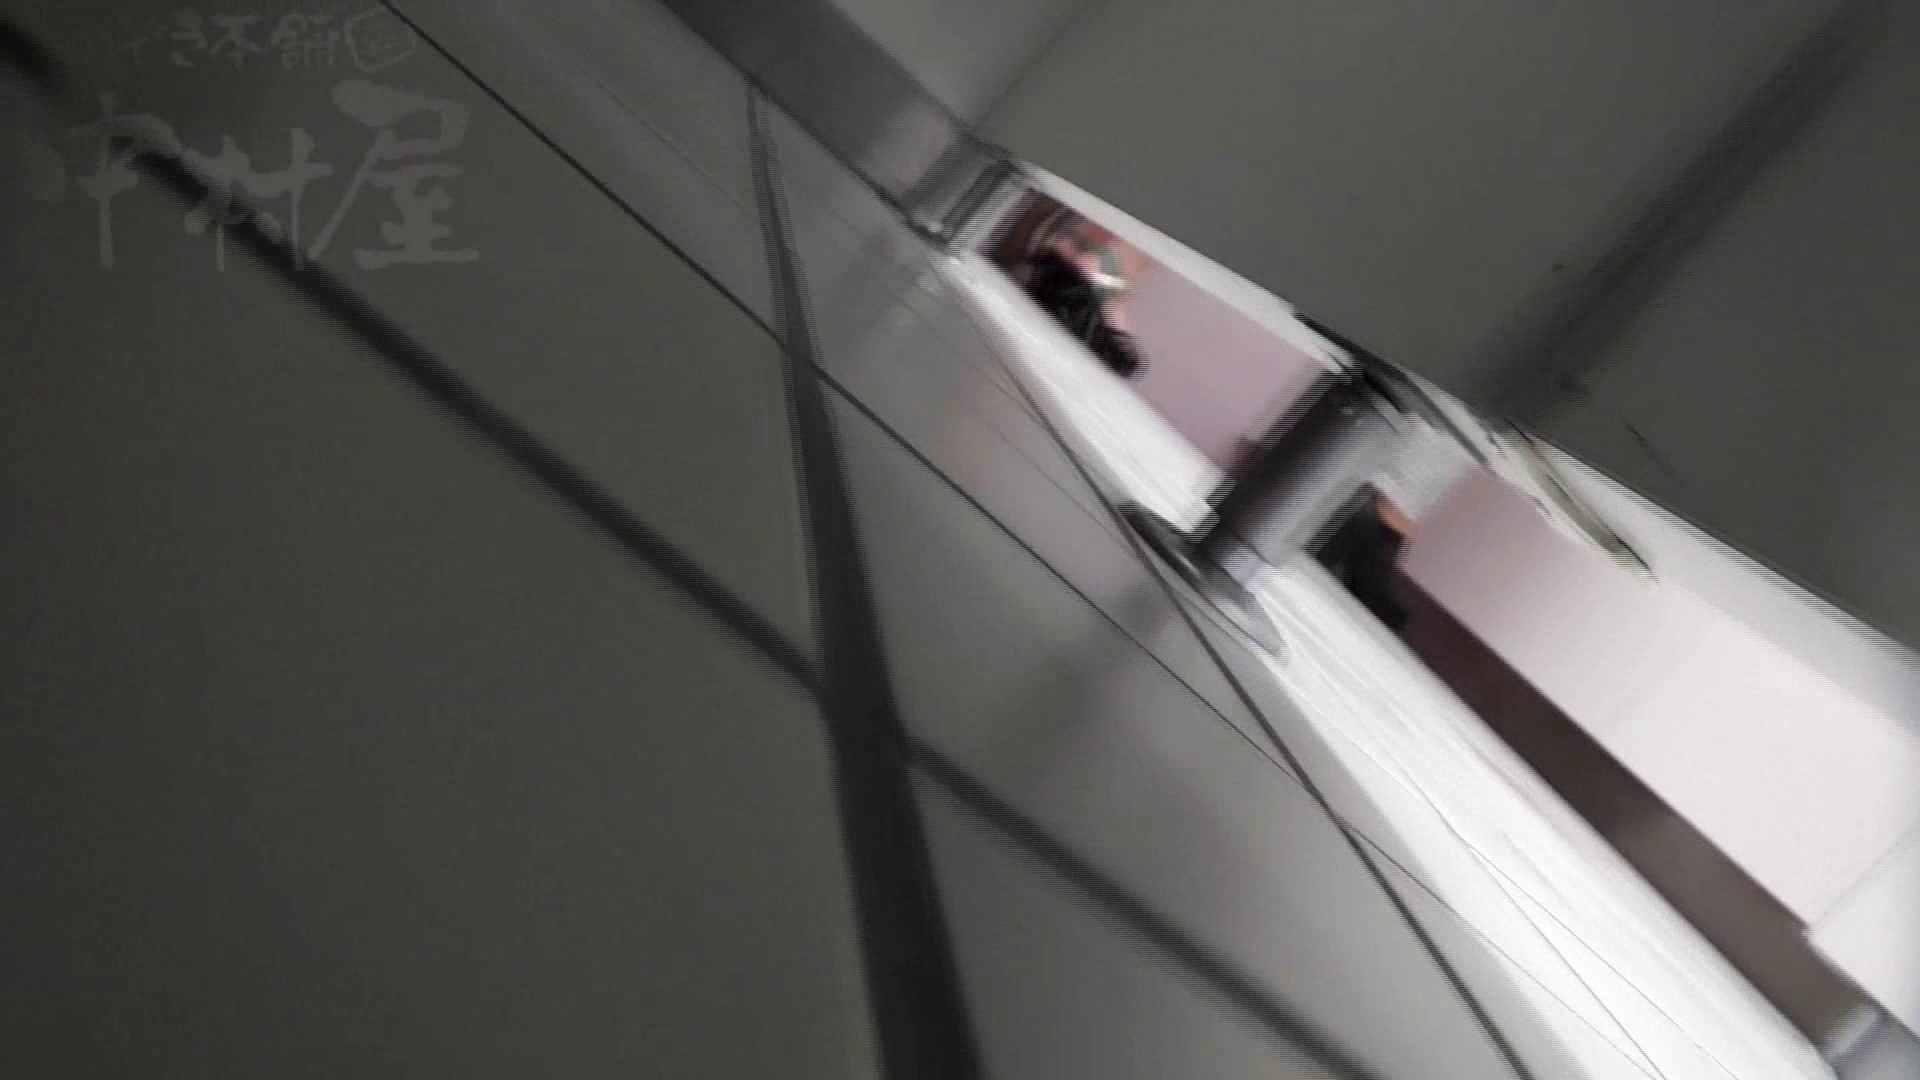 美しい日本の未来 No.26 美女偏差値オール90 乙女のエロ動画  91PIX 20